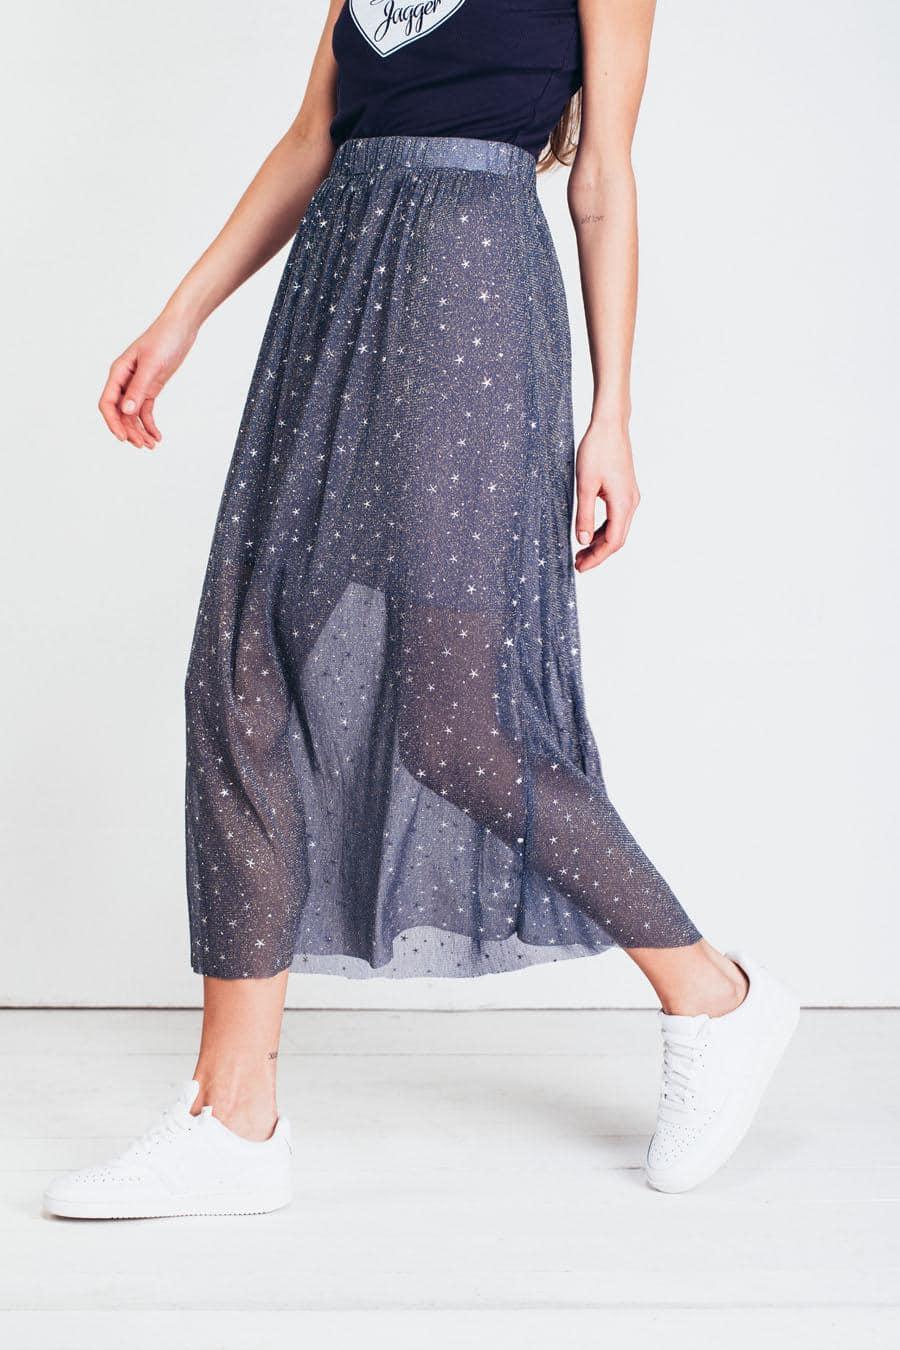 jagger zenska suknja kolekcija prolece leto 2021 ss 2021 kupi online jg 5513 09 5